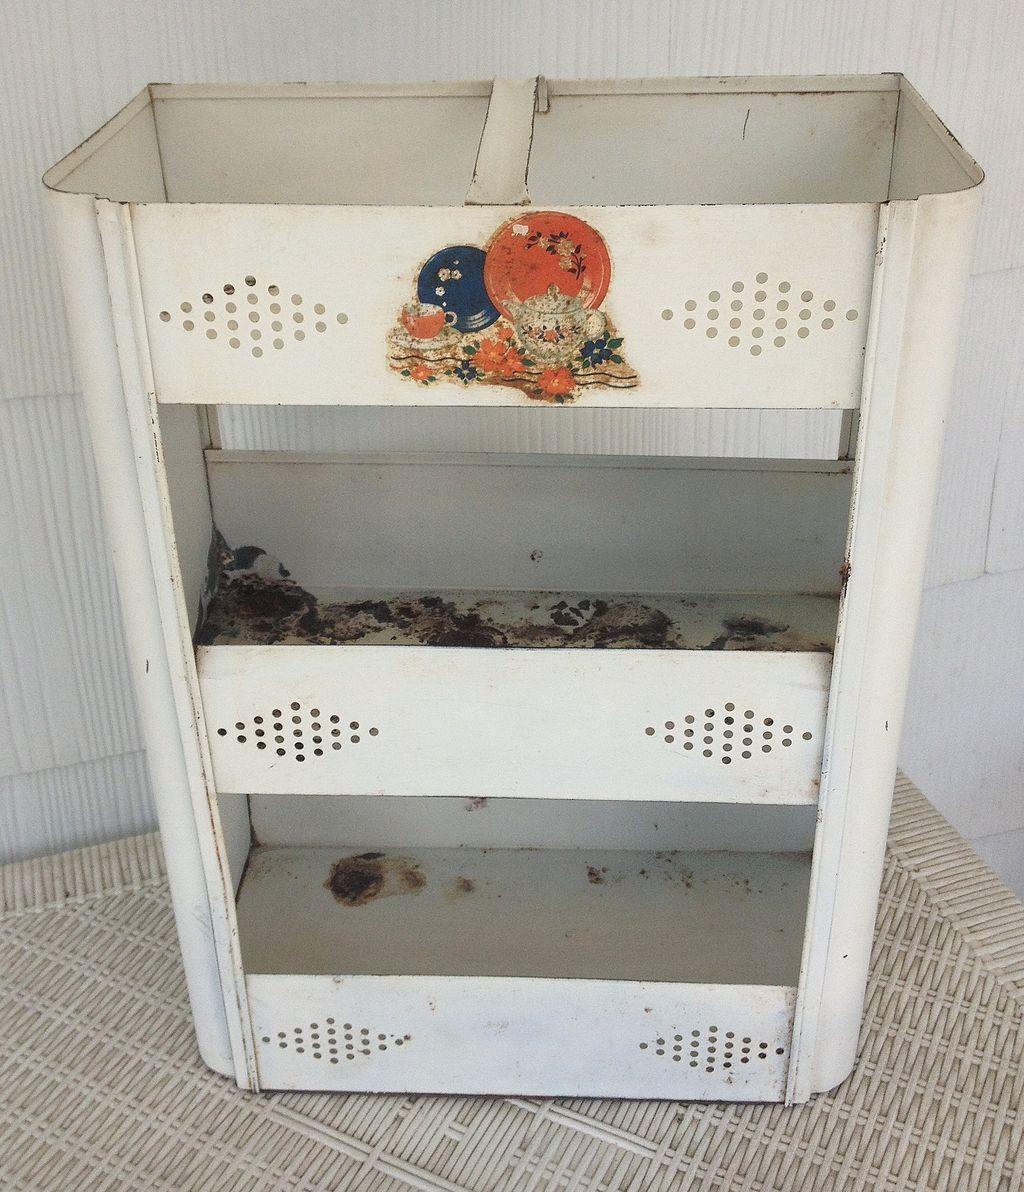 Vintage Metal Kitchen Vegetable Storage Bin Vegetable Storage Bin Storage Bins Kitchen Vegetable Storage